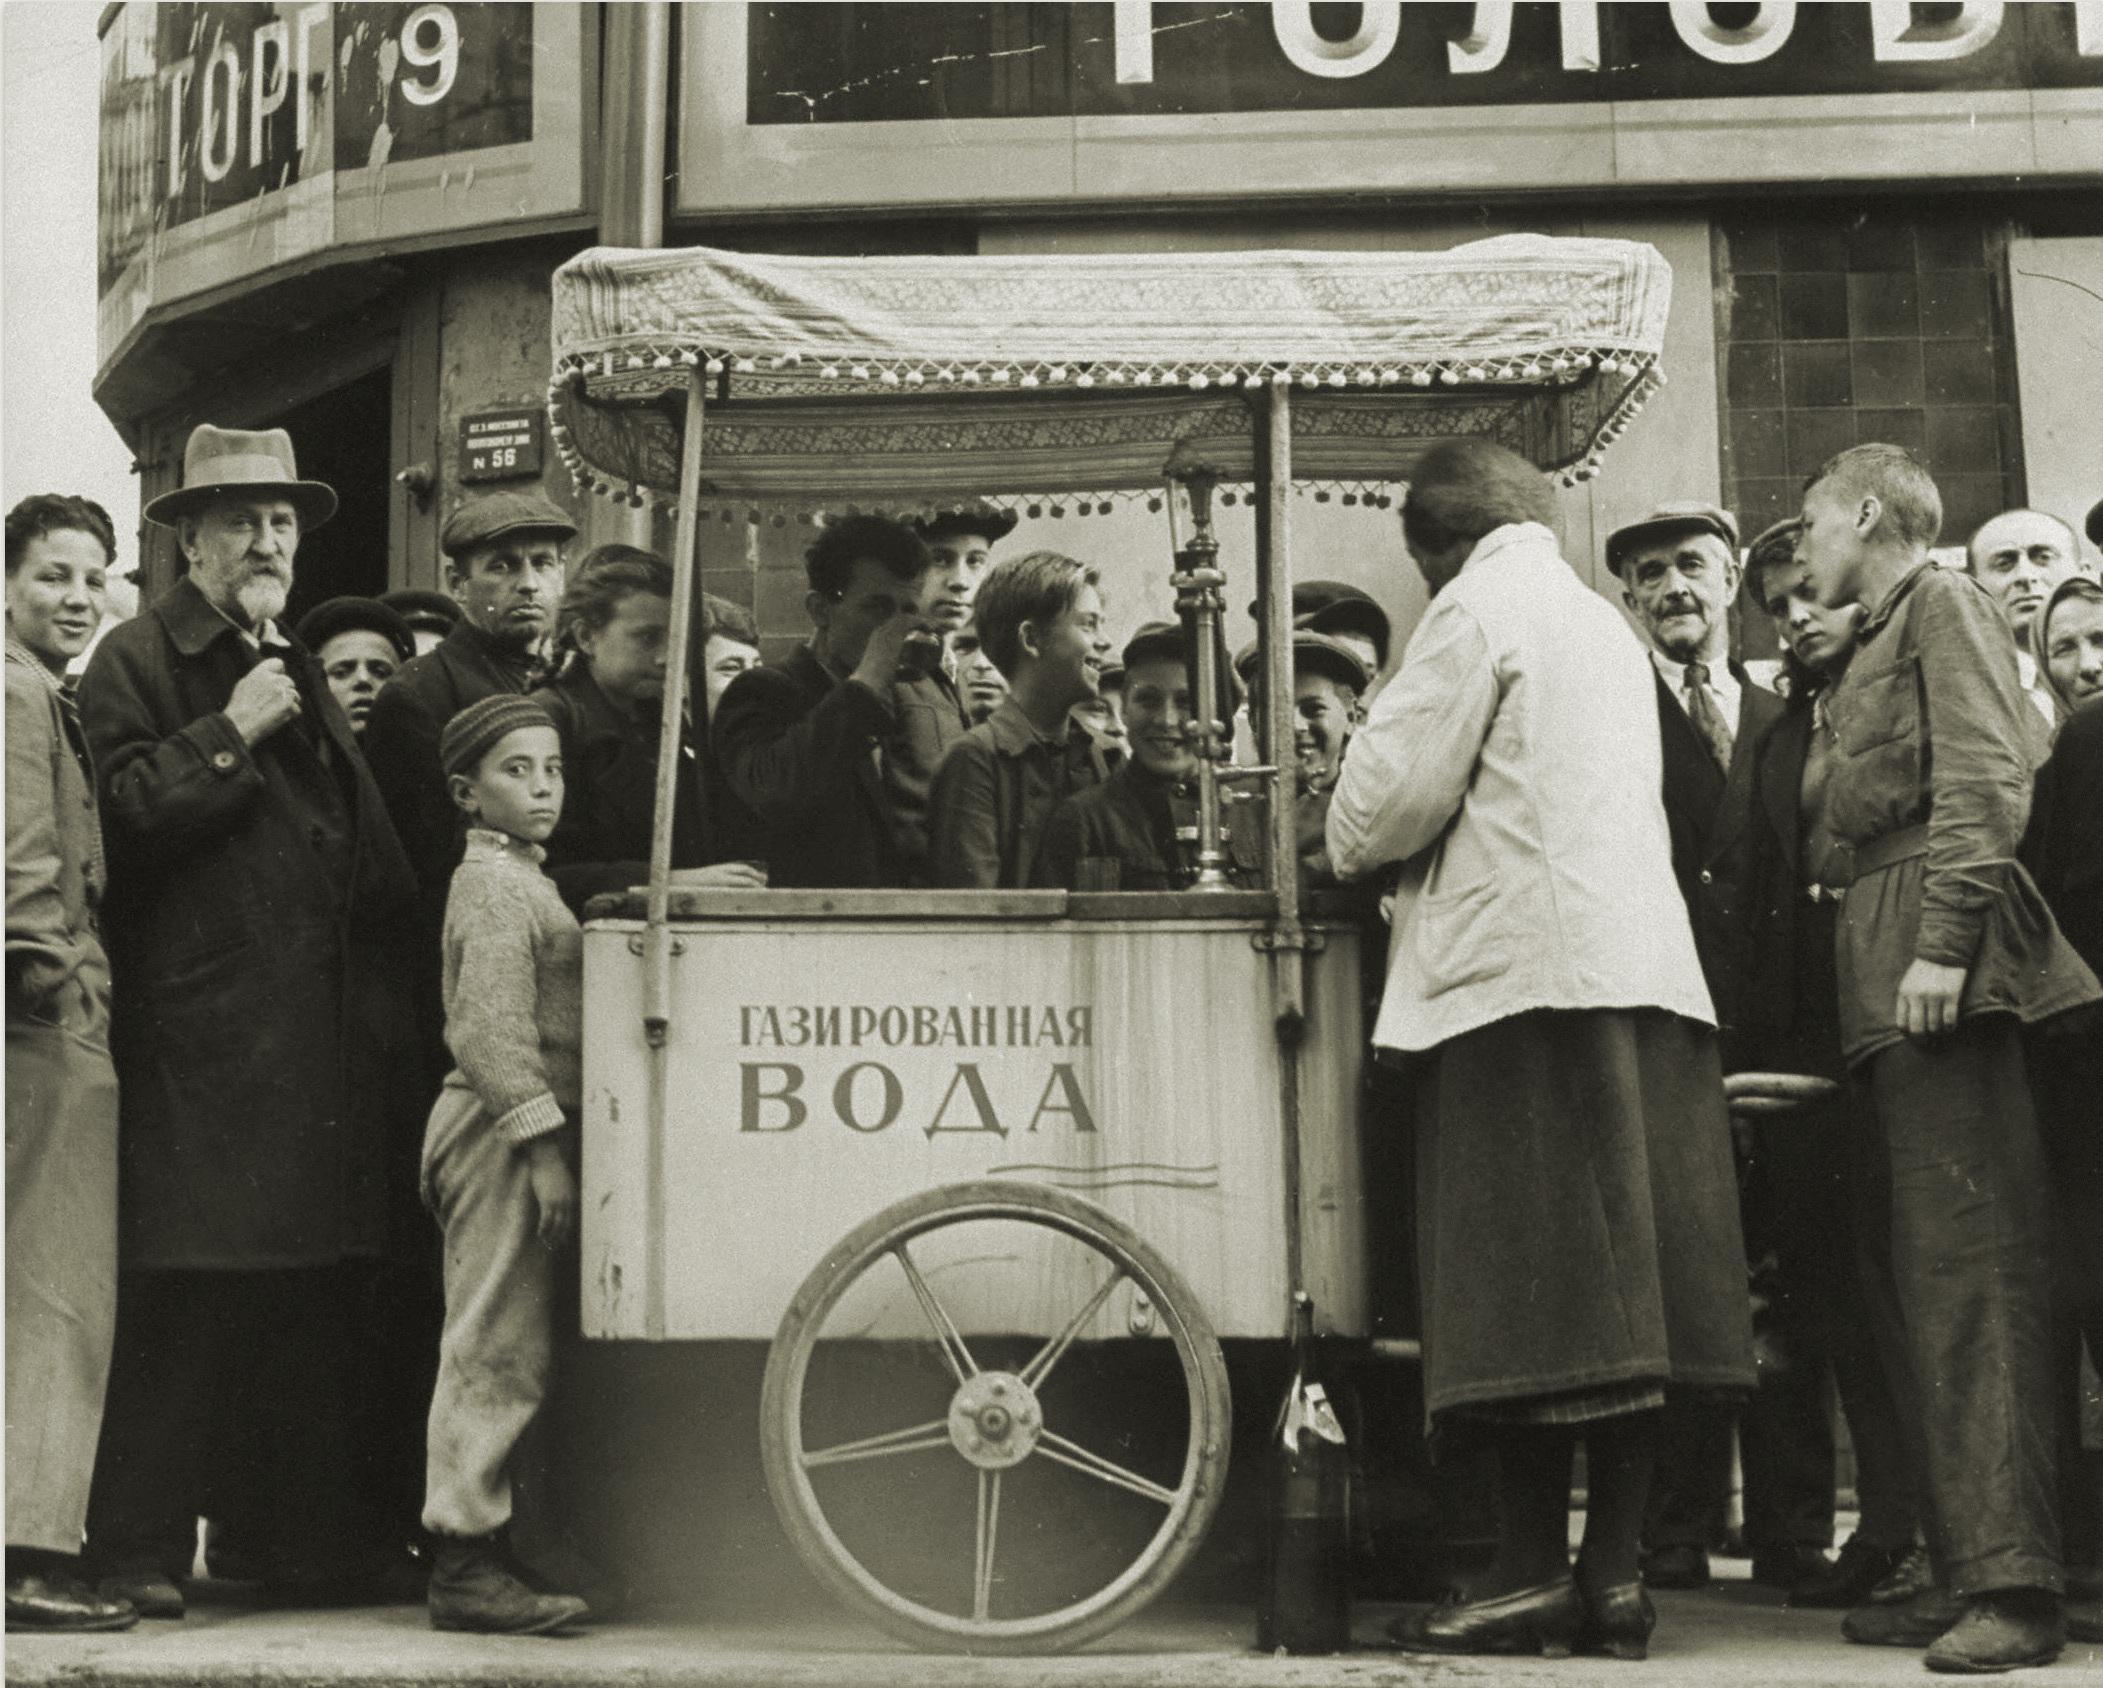 Margaret Bourke-White, Woman street vender selling fruit & water fr. her cart on Kusnetsky St (Moscow, 1941)